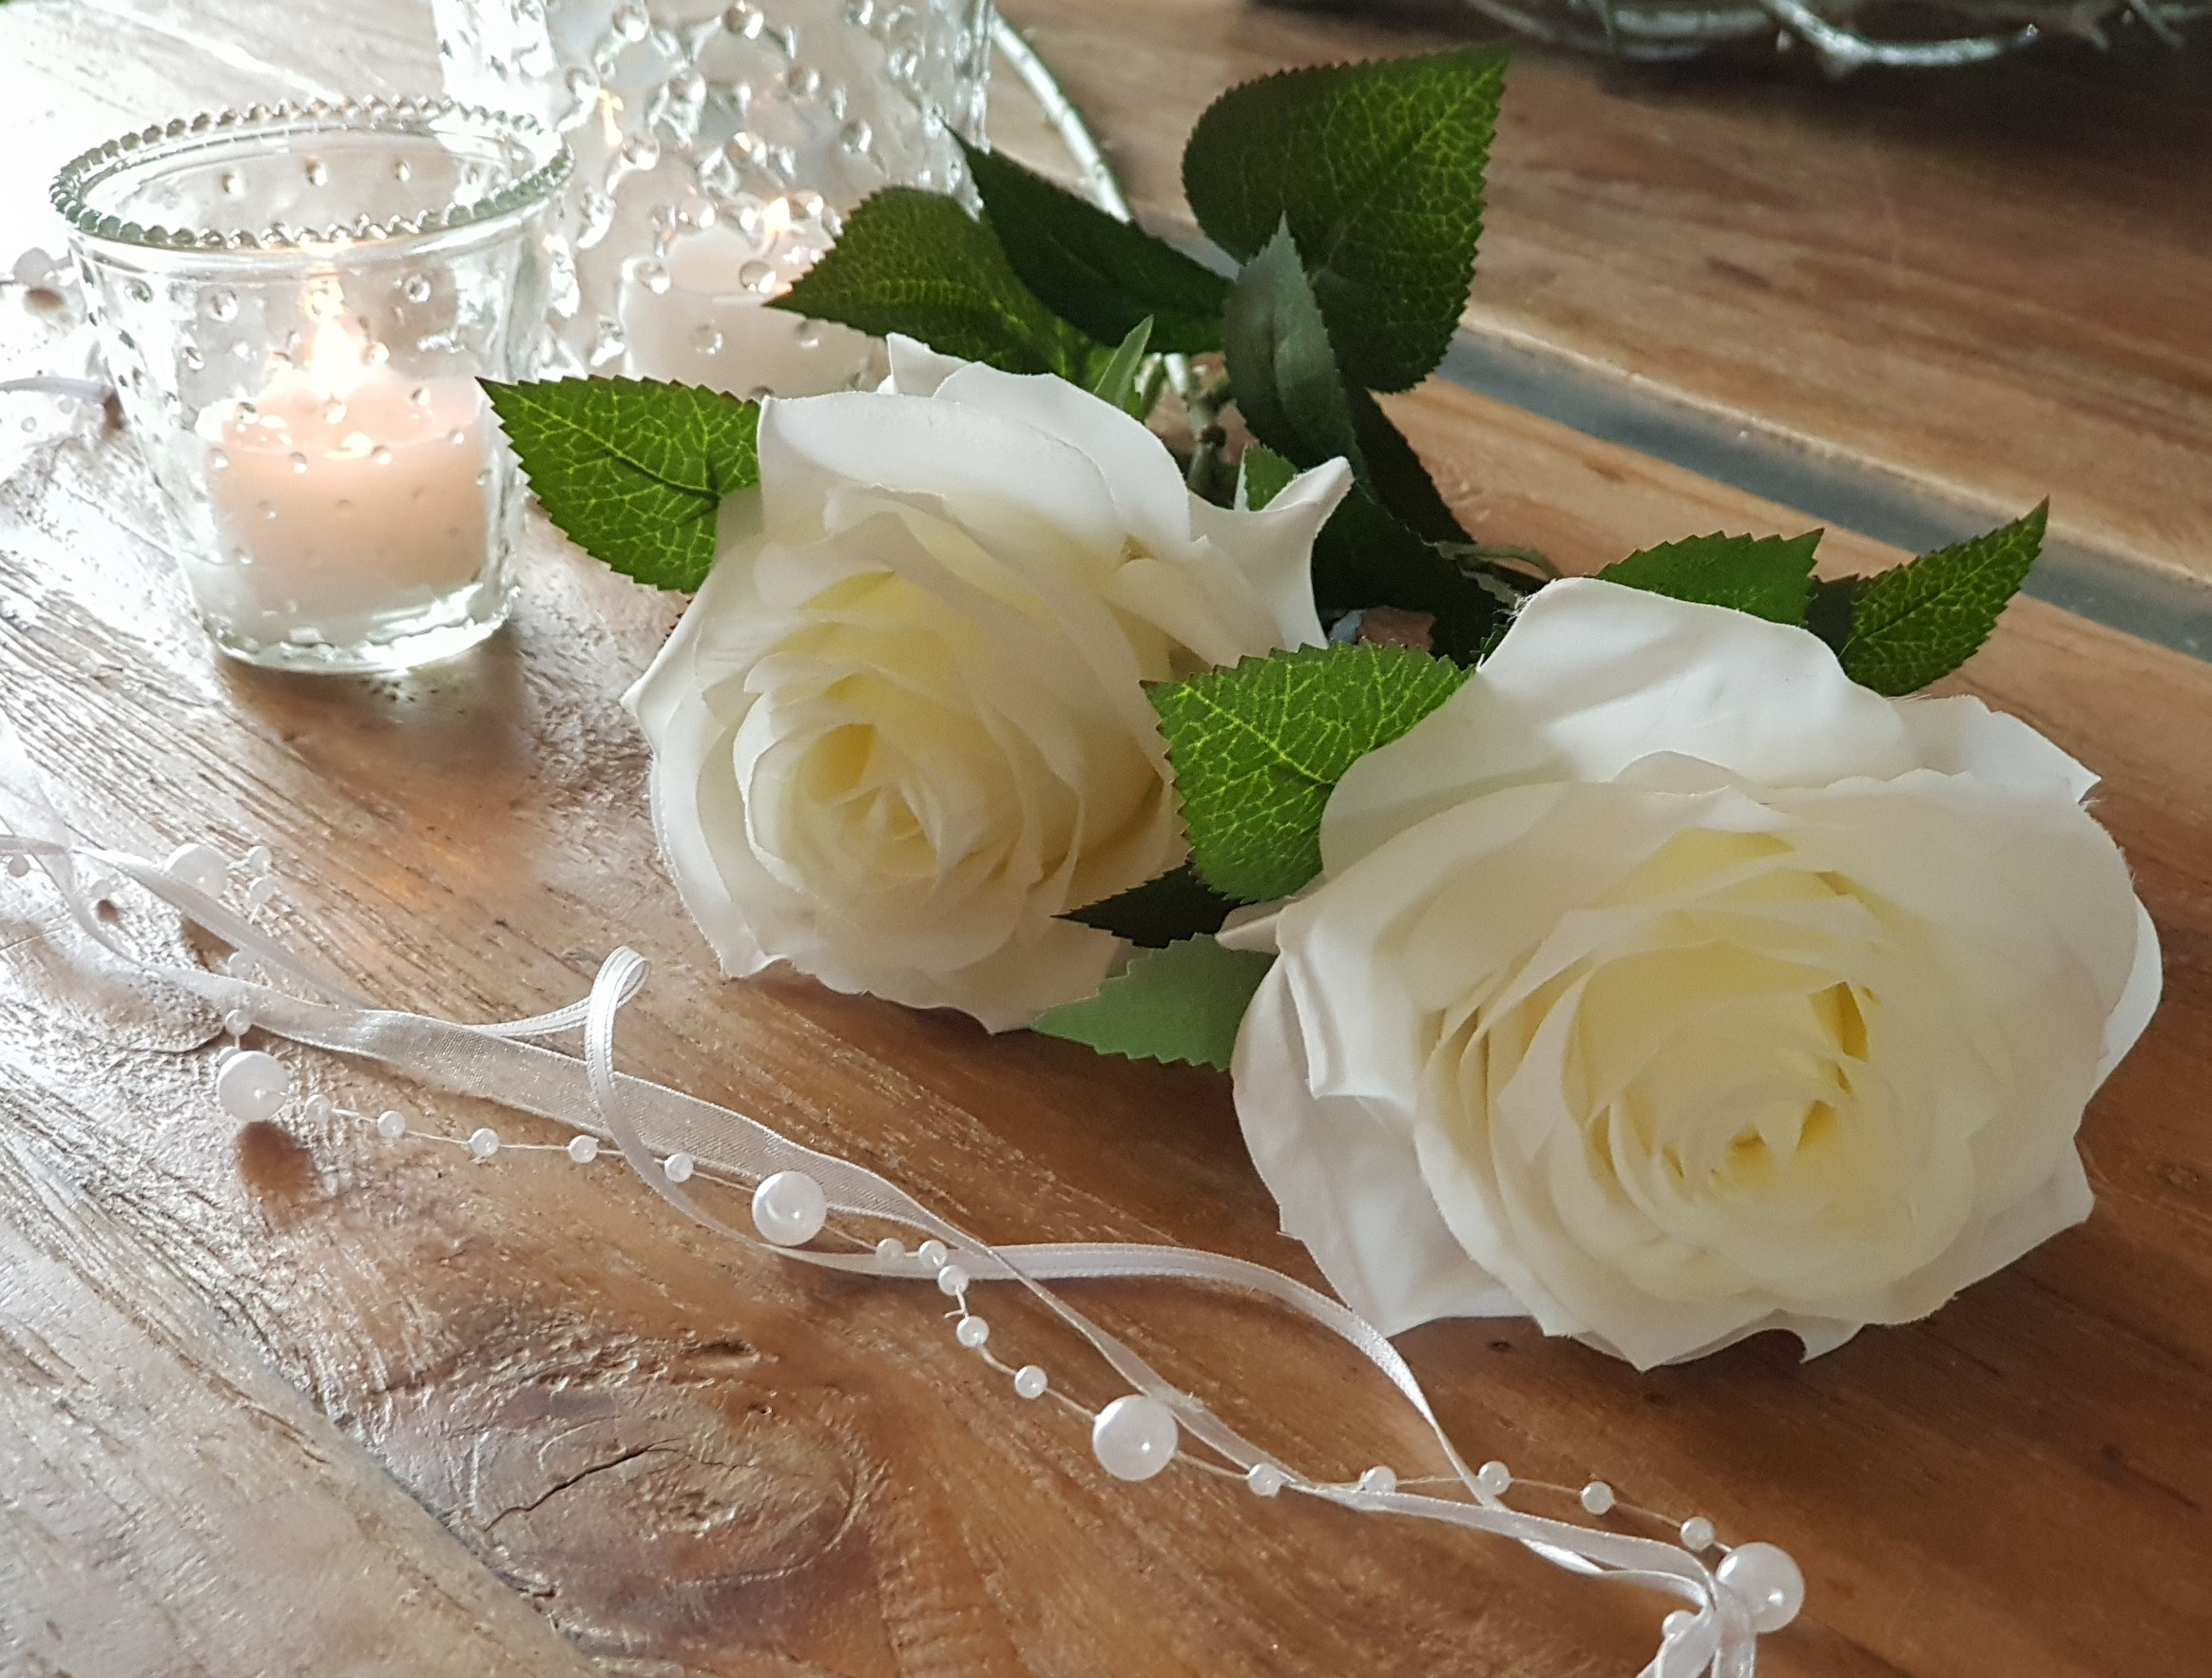 1m Perlengirlande Schleifenband Perlen weiß Hochzeit Perlen Perle Perlenband